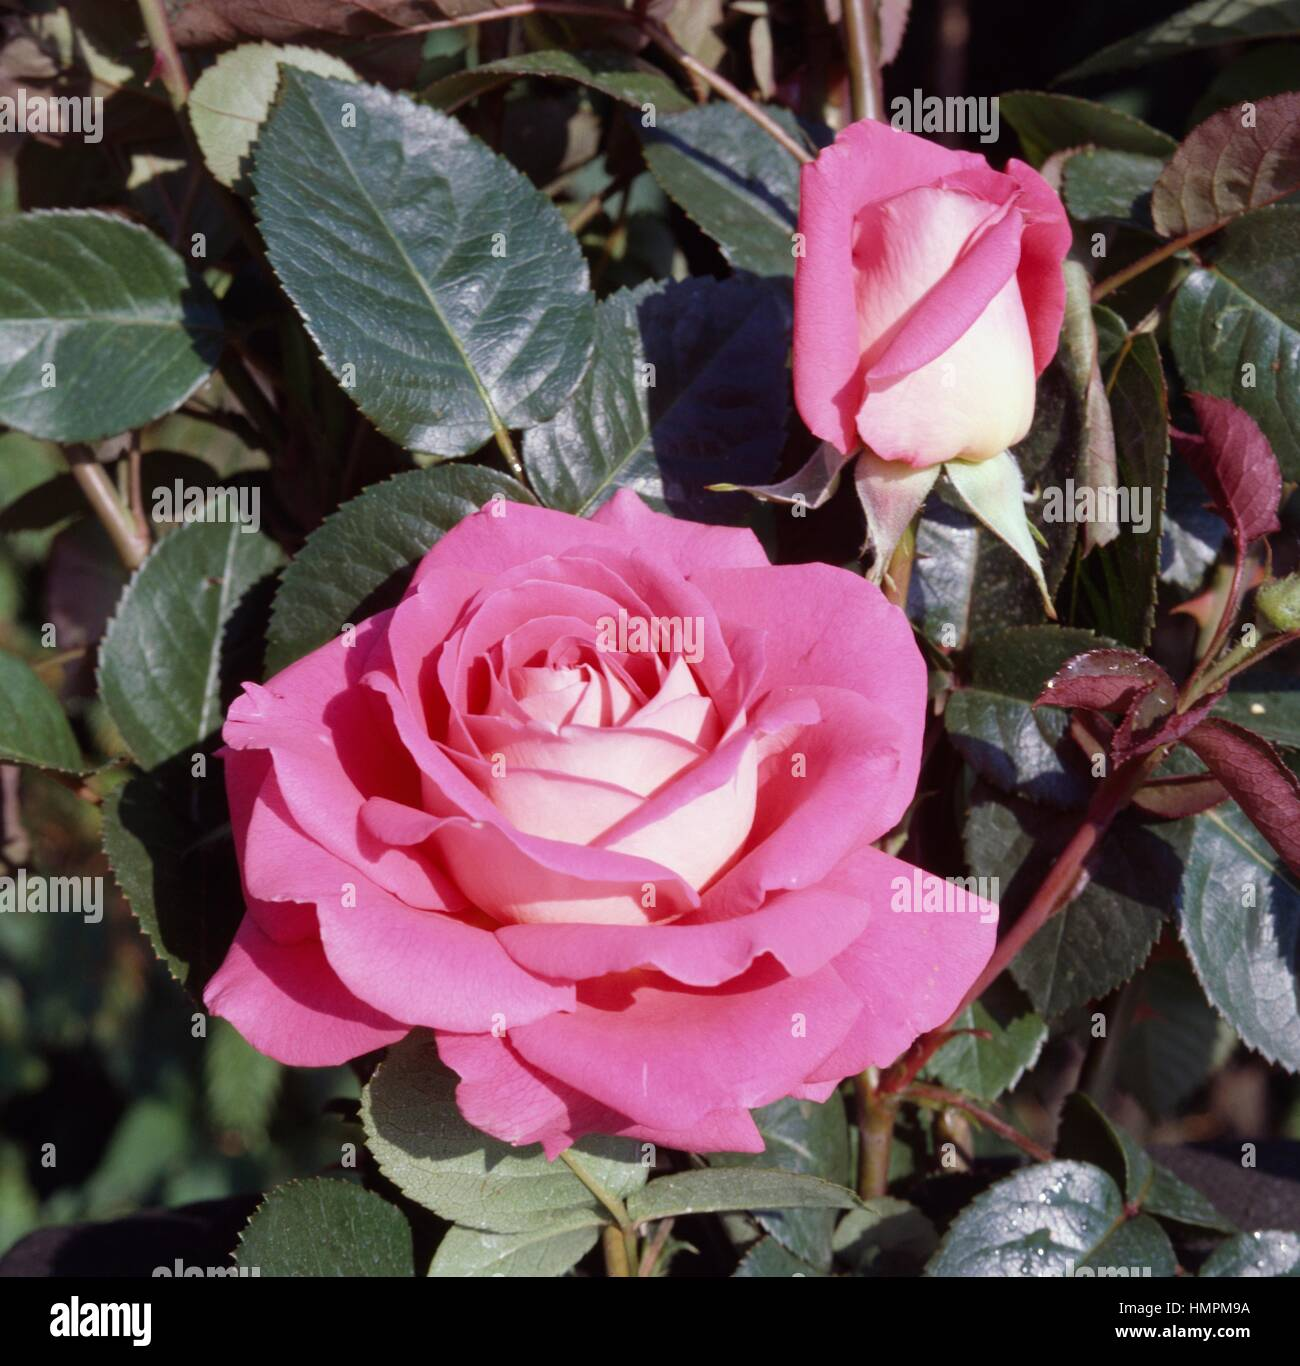 Ornella Muti rose, Rosaceae. Stock Photo